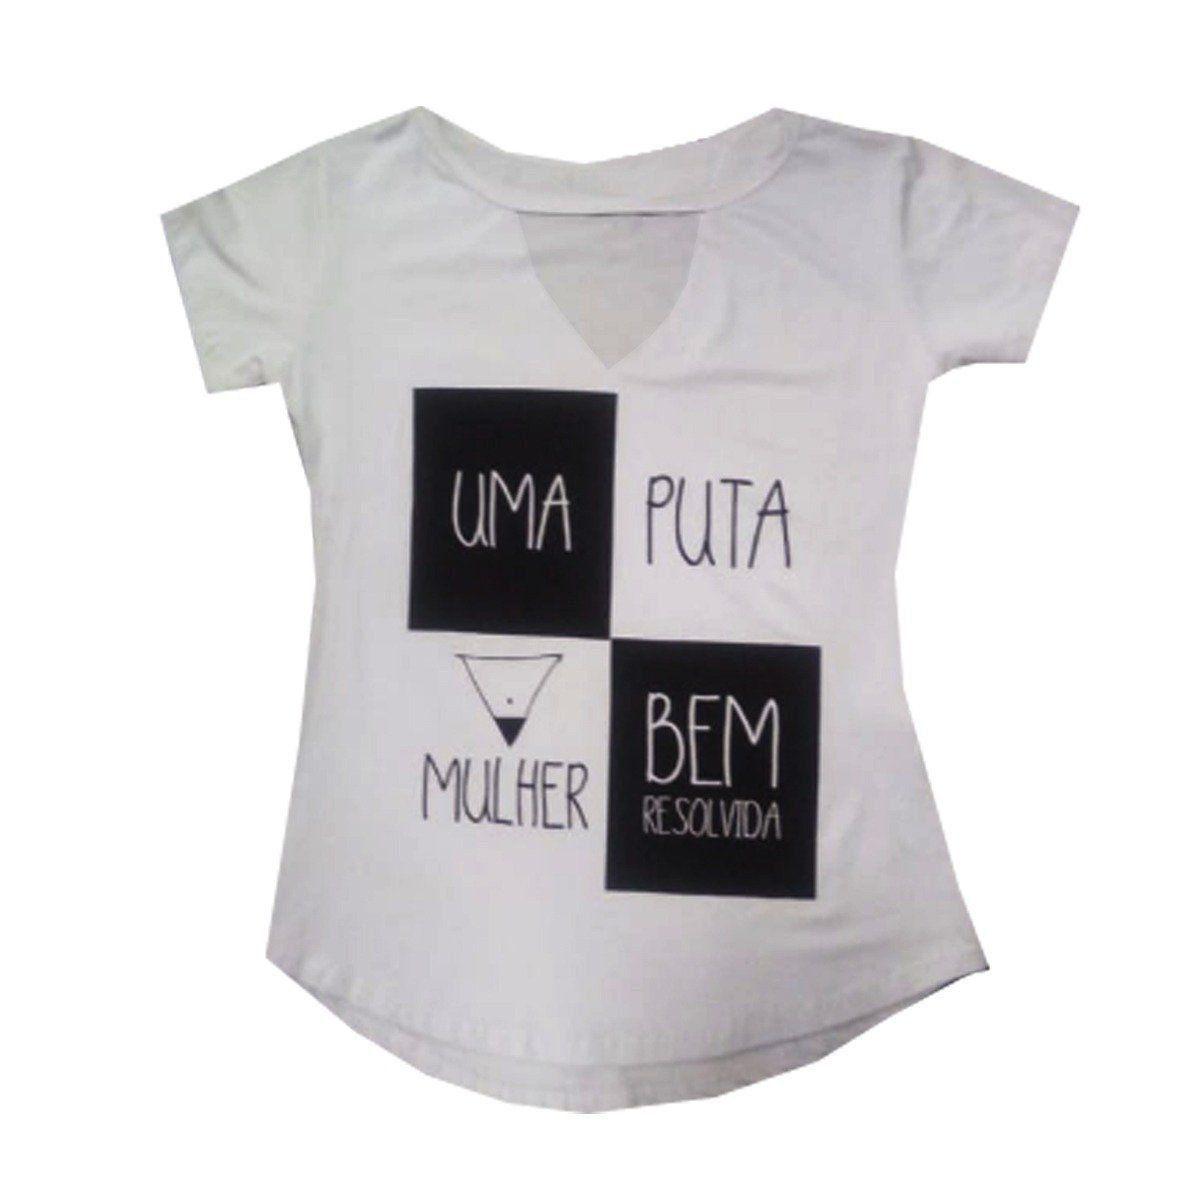 Camiseta Feminina Gola V Baby Look: